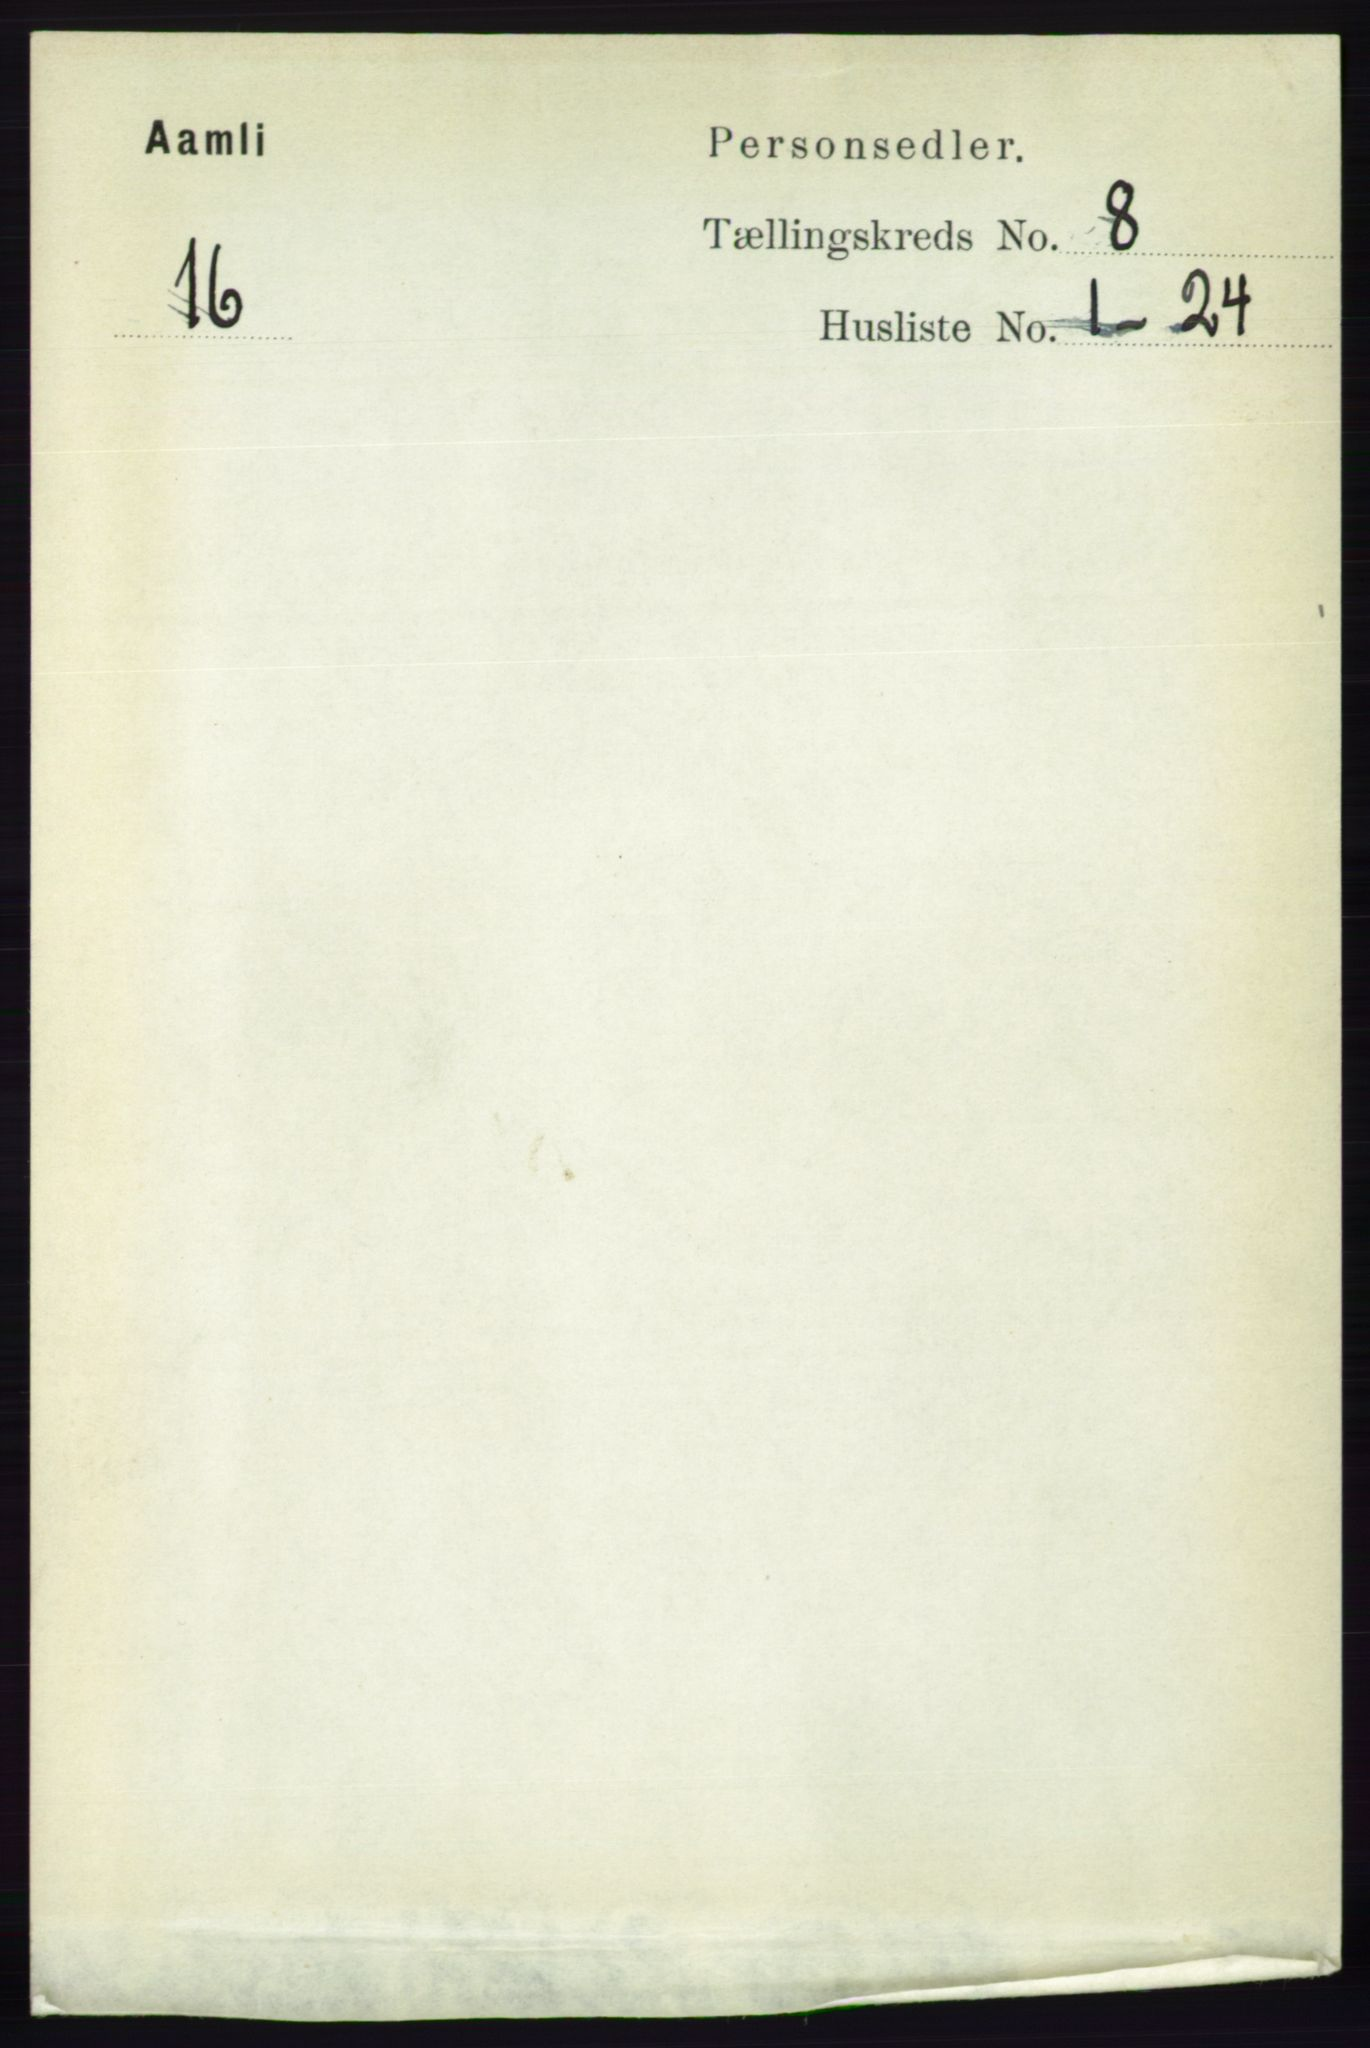 RA, Folketelling 1891 for 0929 Åmli herred, 1891, s. 1107